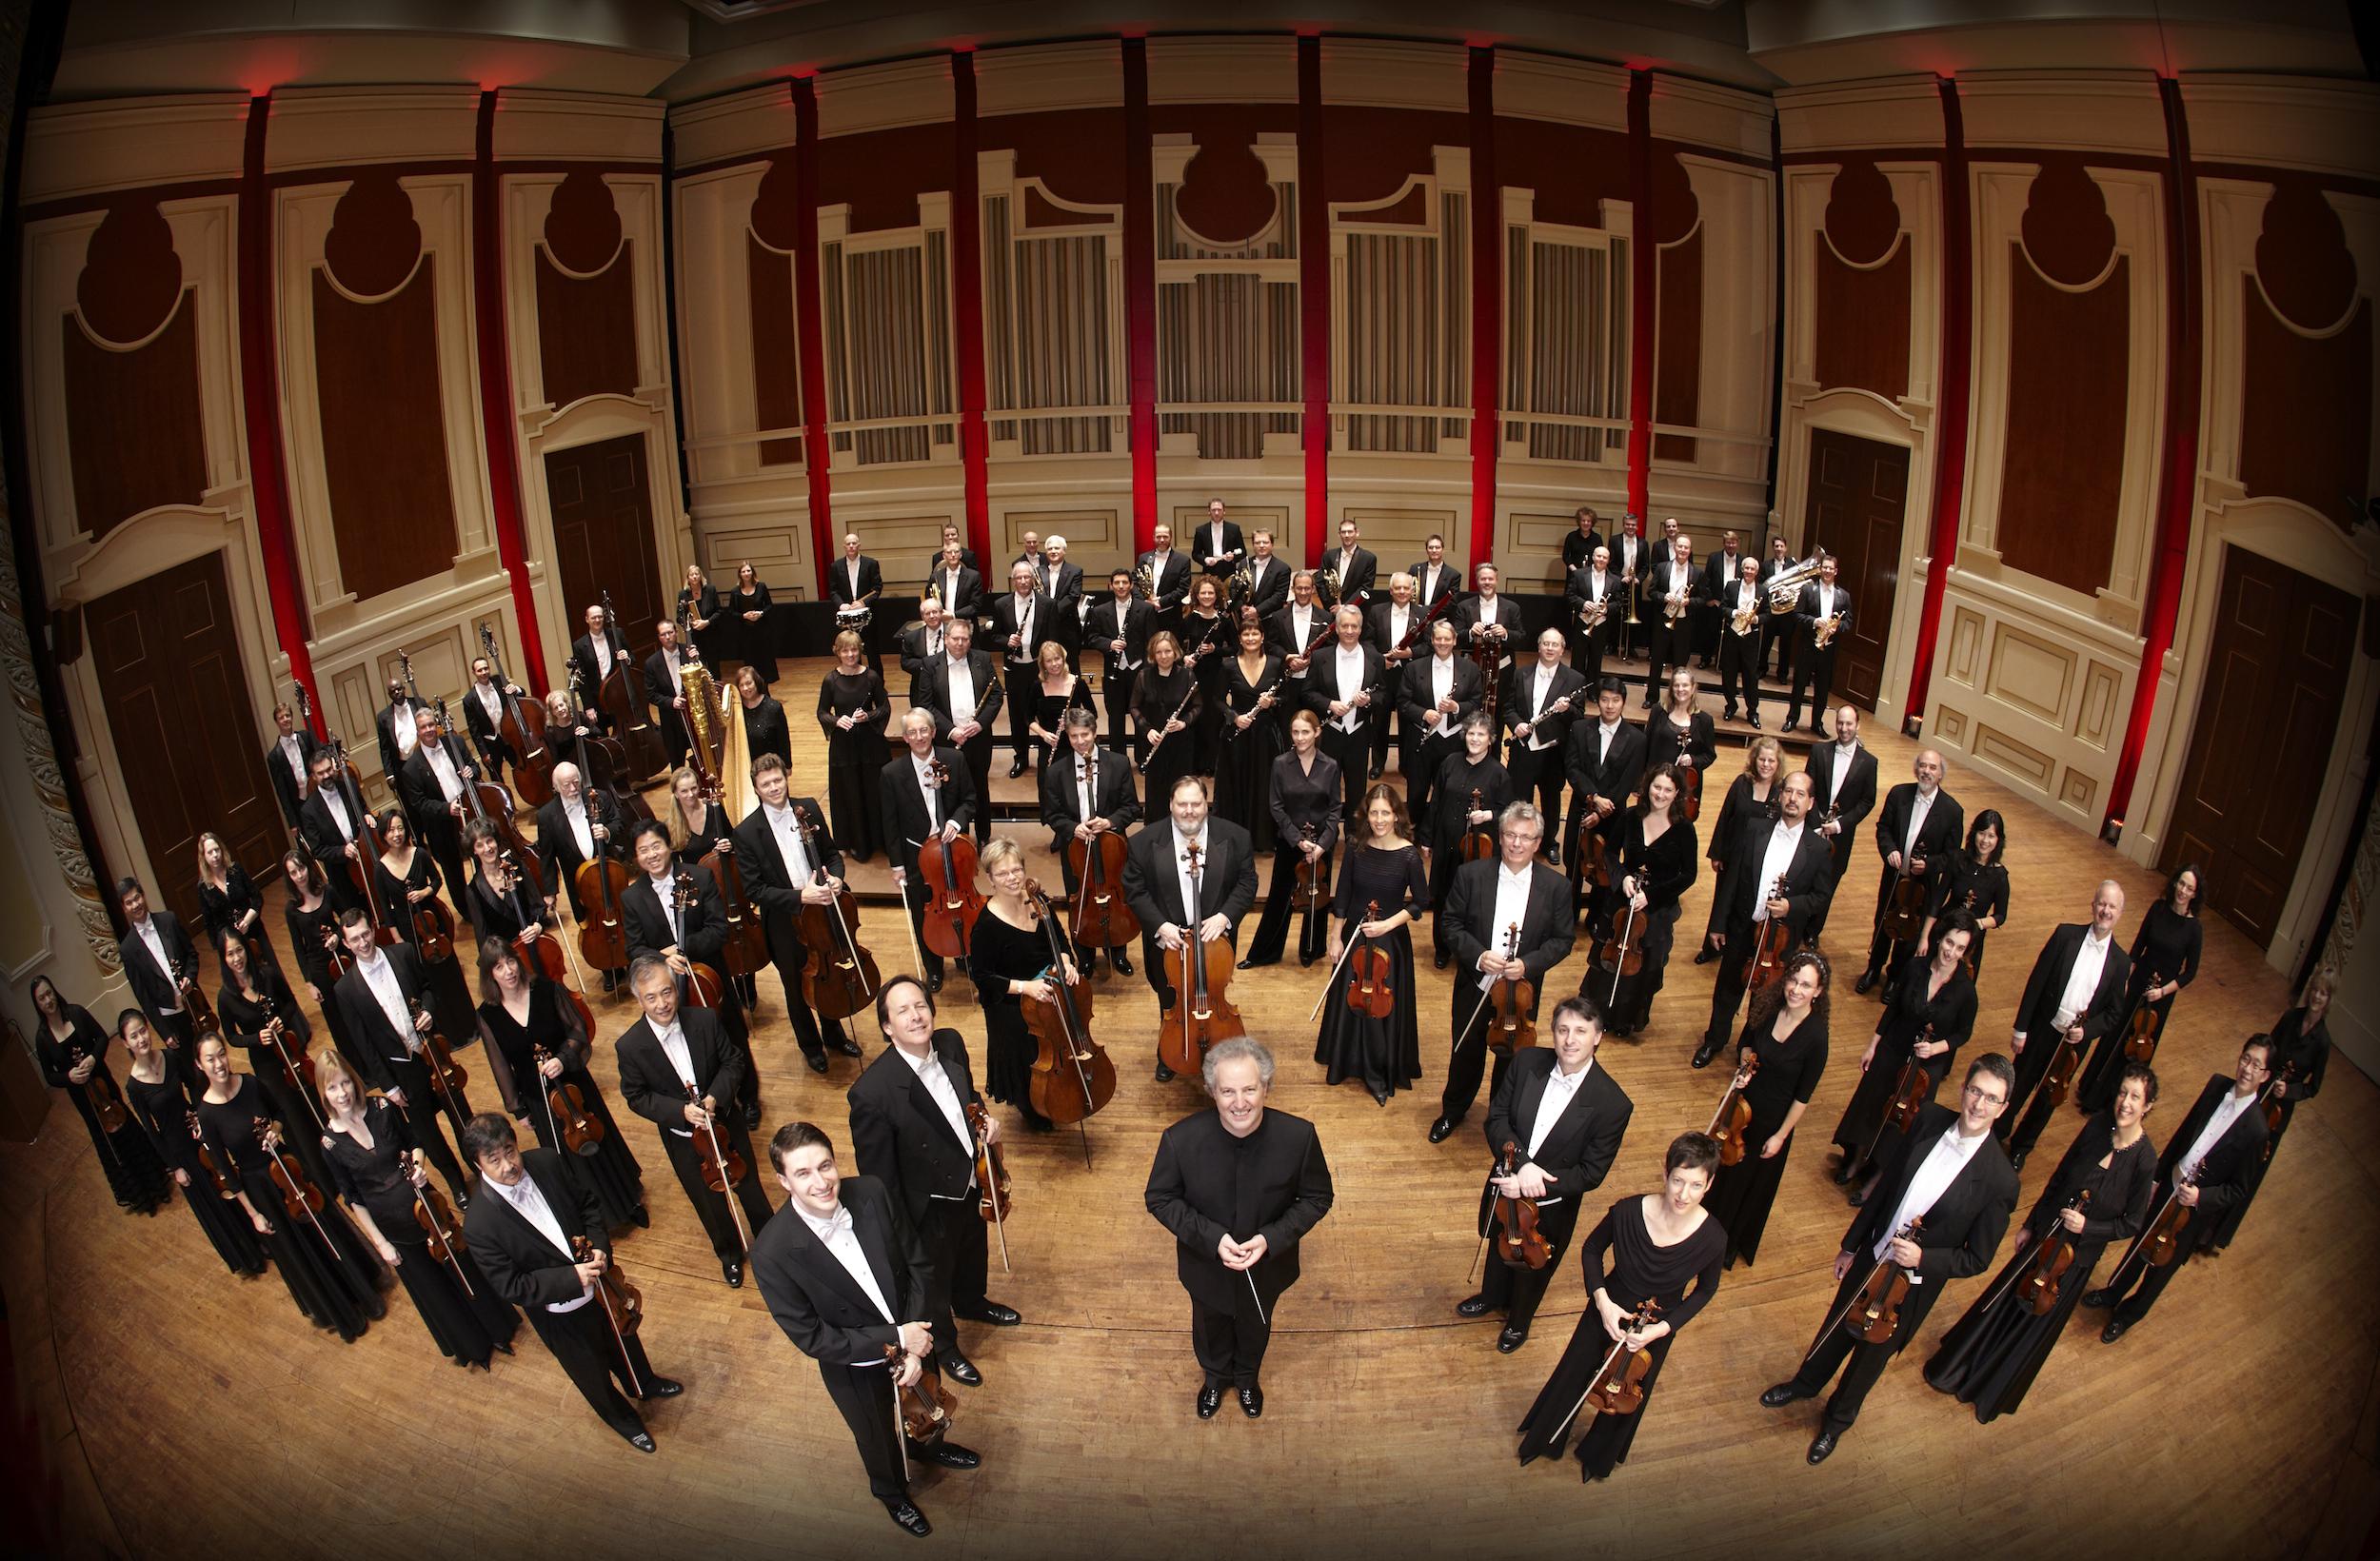 Seit 2008 steht der Vorarlberger Manfred Honeck an der Spitze des Pittsburgh Symphony Orchestra.